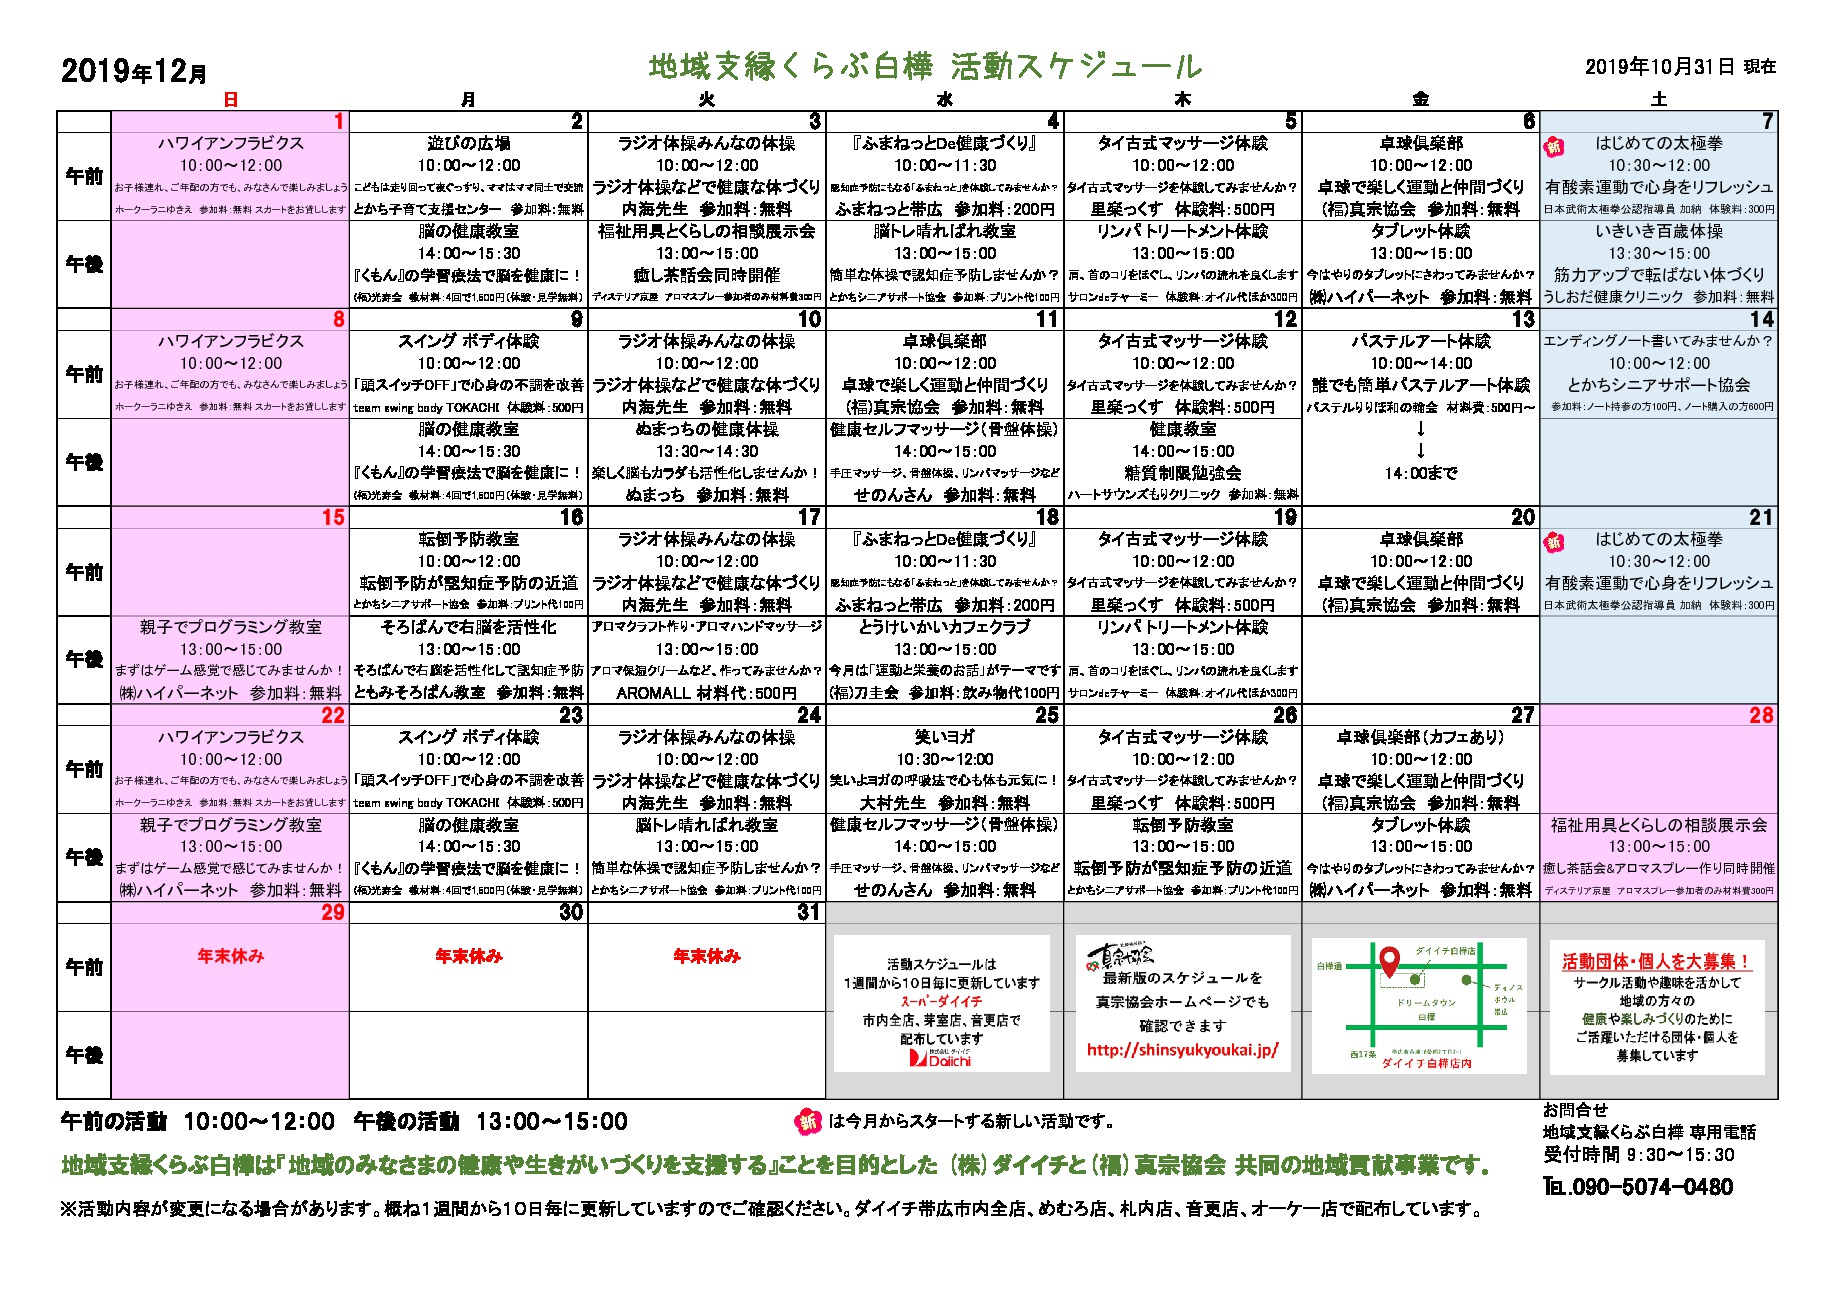 2019活動スケジュール12(2019.10.31付)のサムネイル